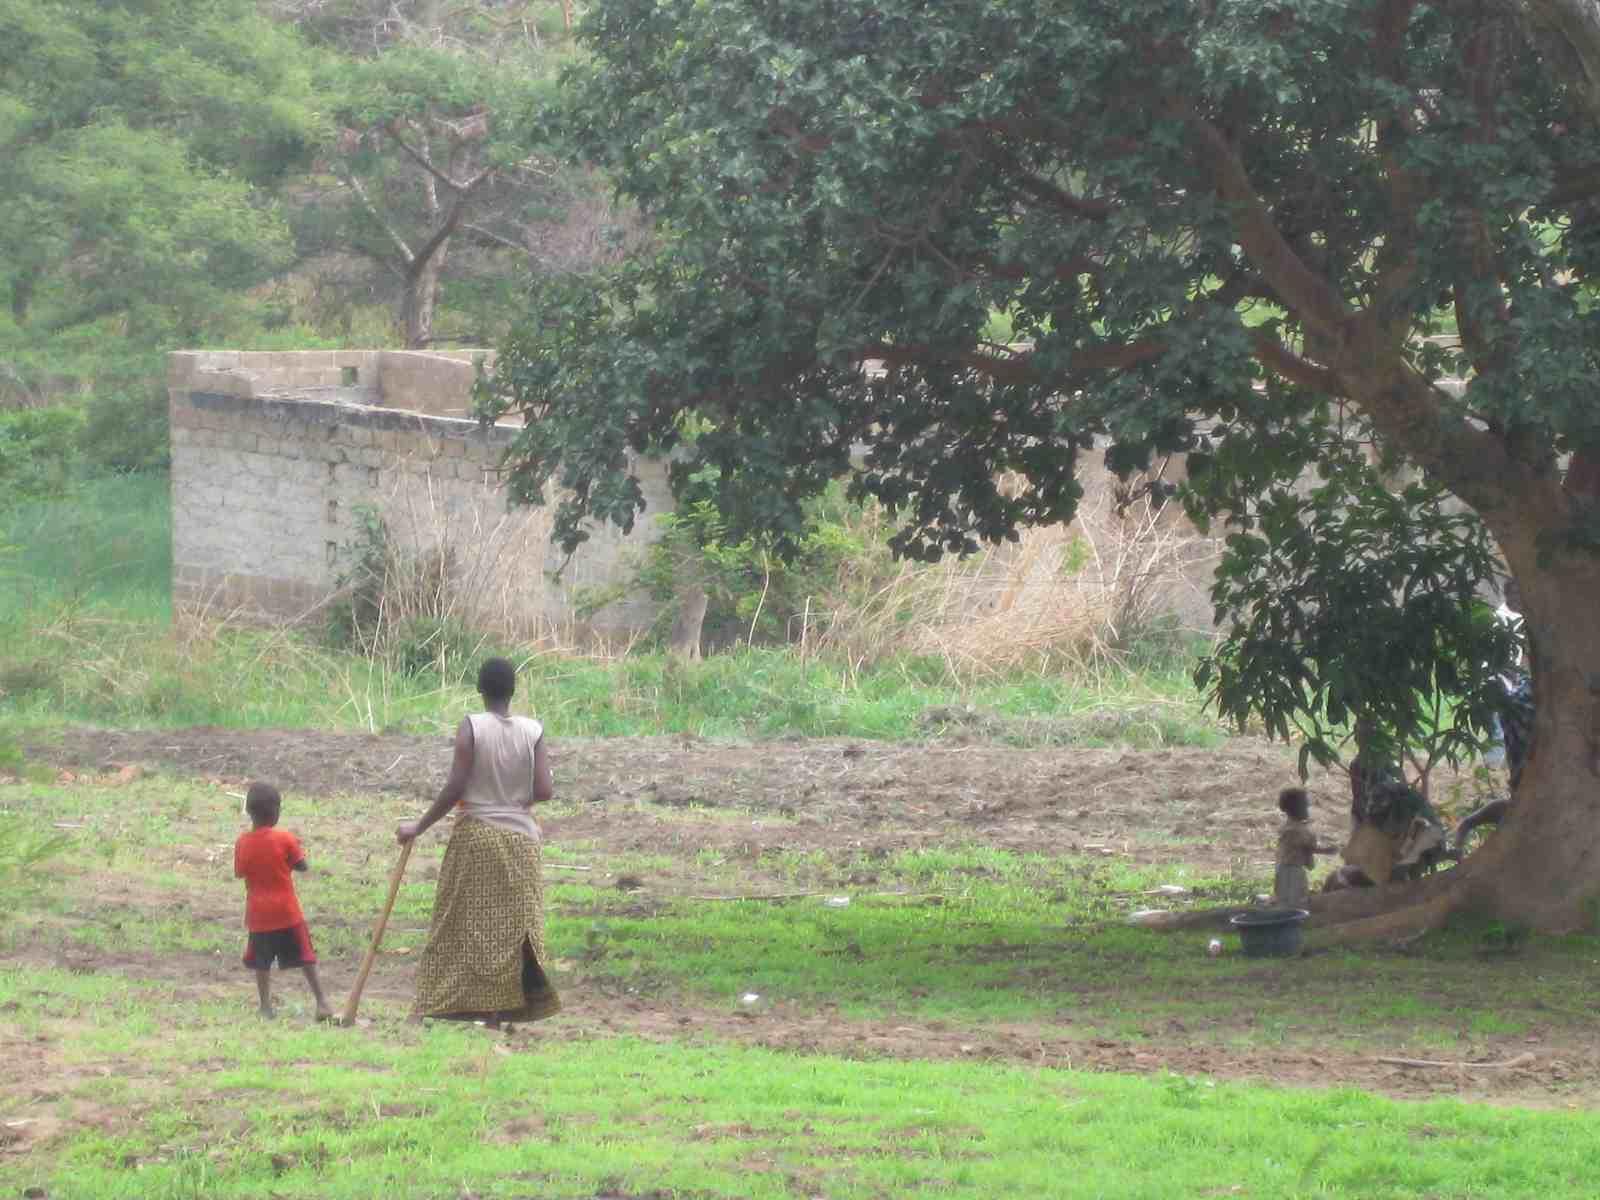 Αποστολή των Φ.τ.Κ. σε Νοσοκομεία και Ιδρύματα της ευρύτερης περιοχής της Lusaka